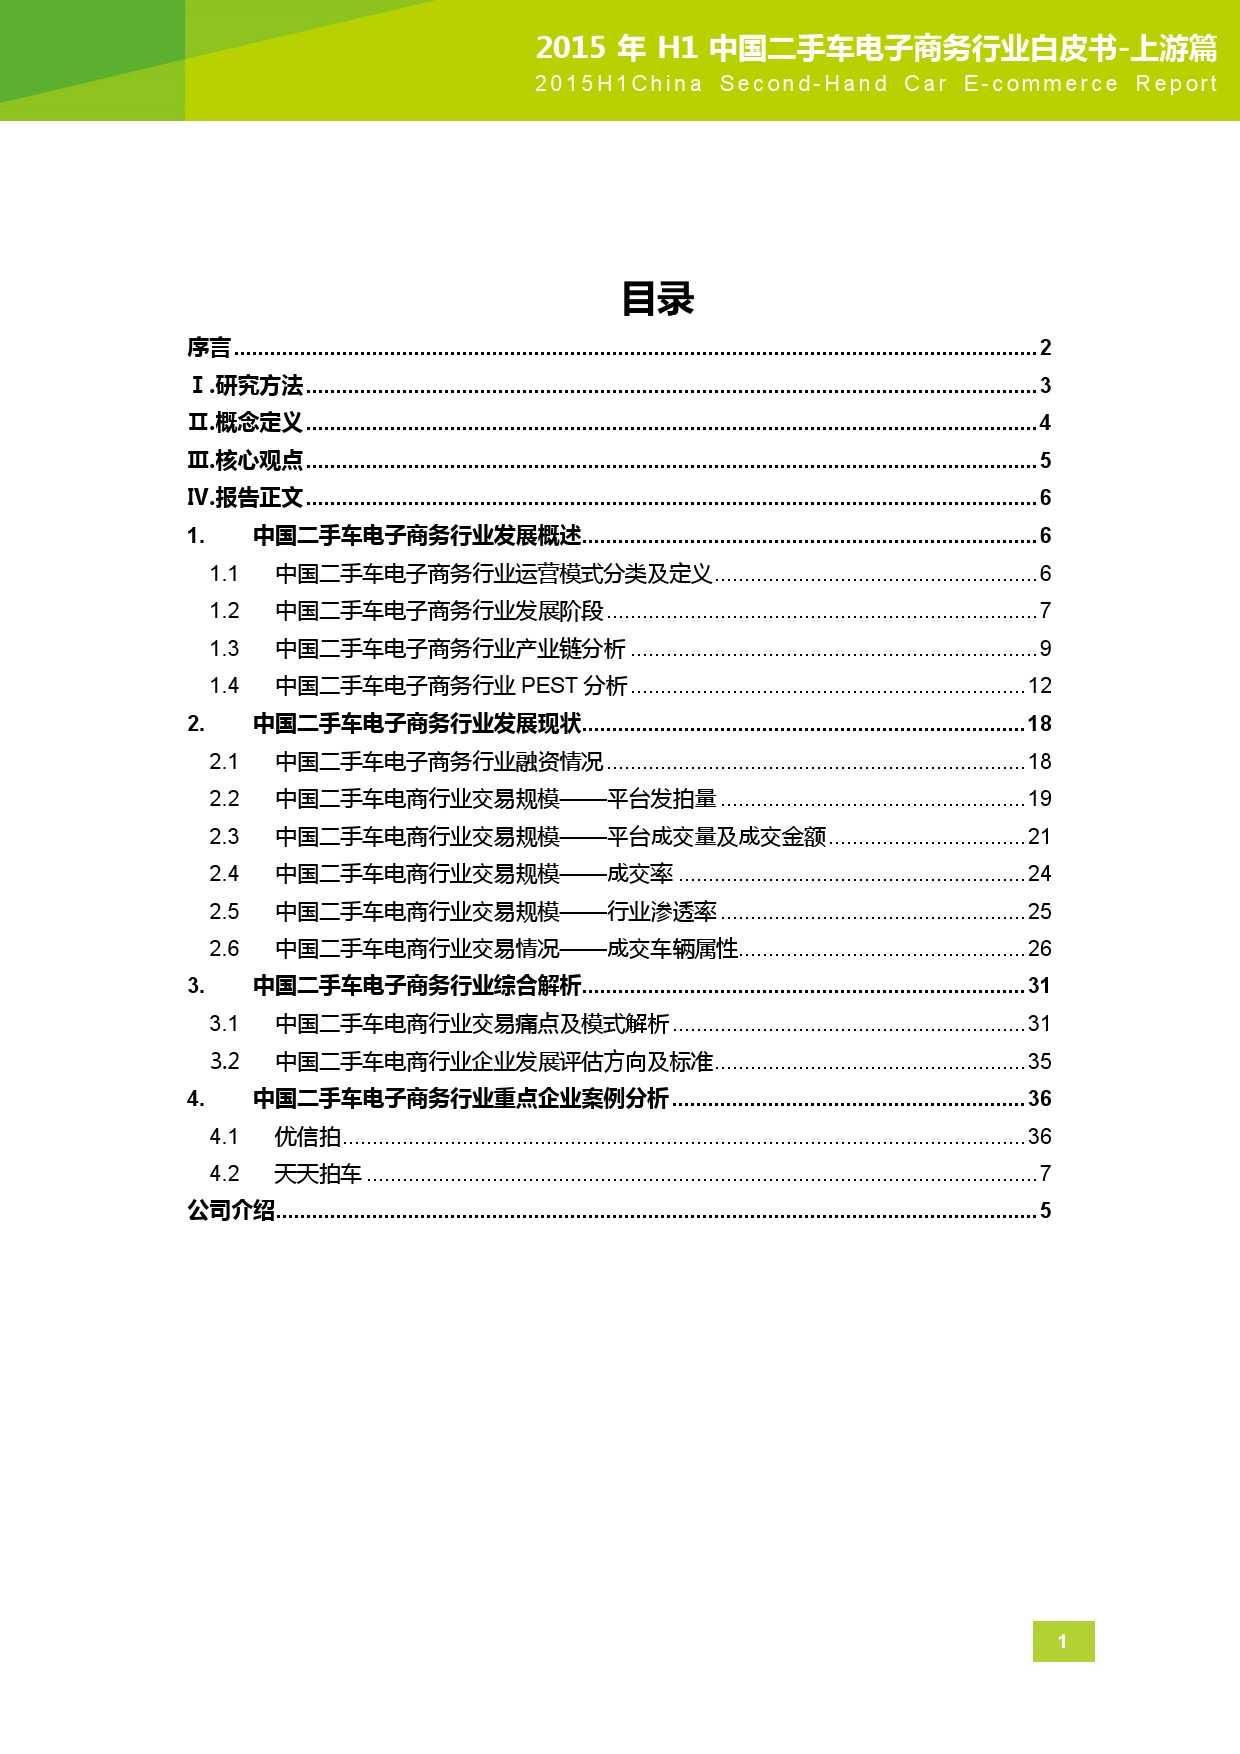 2015年中国二手车电子商务行业白皮书-上游篇_000002